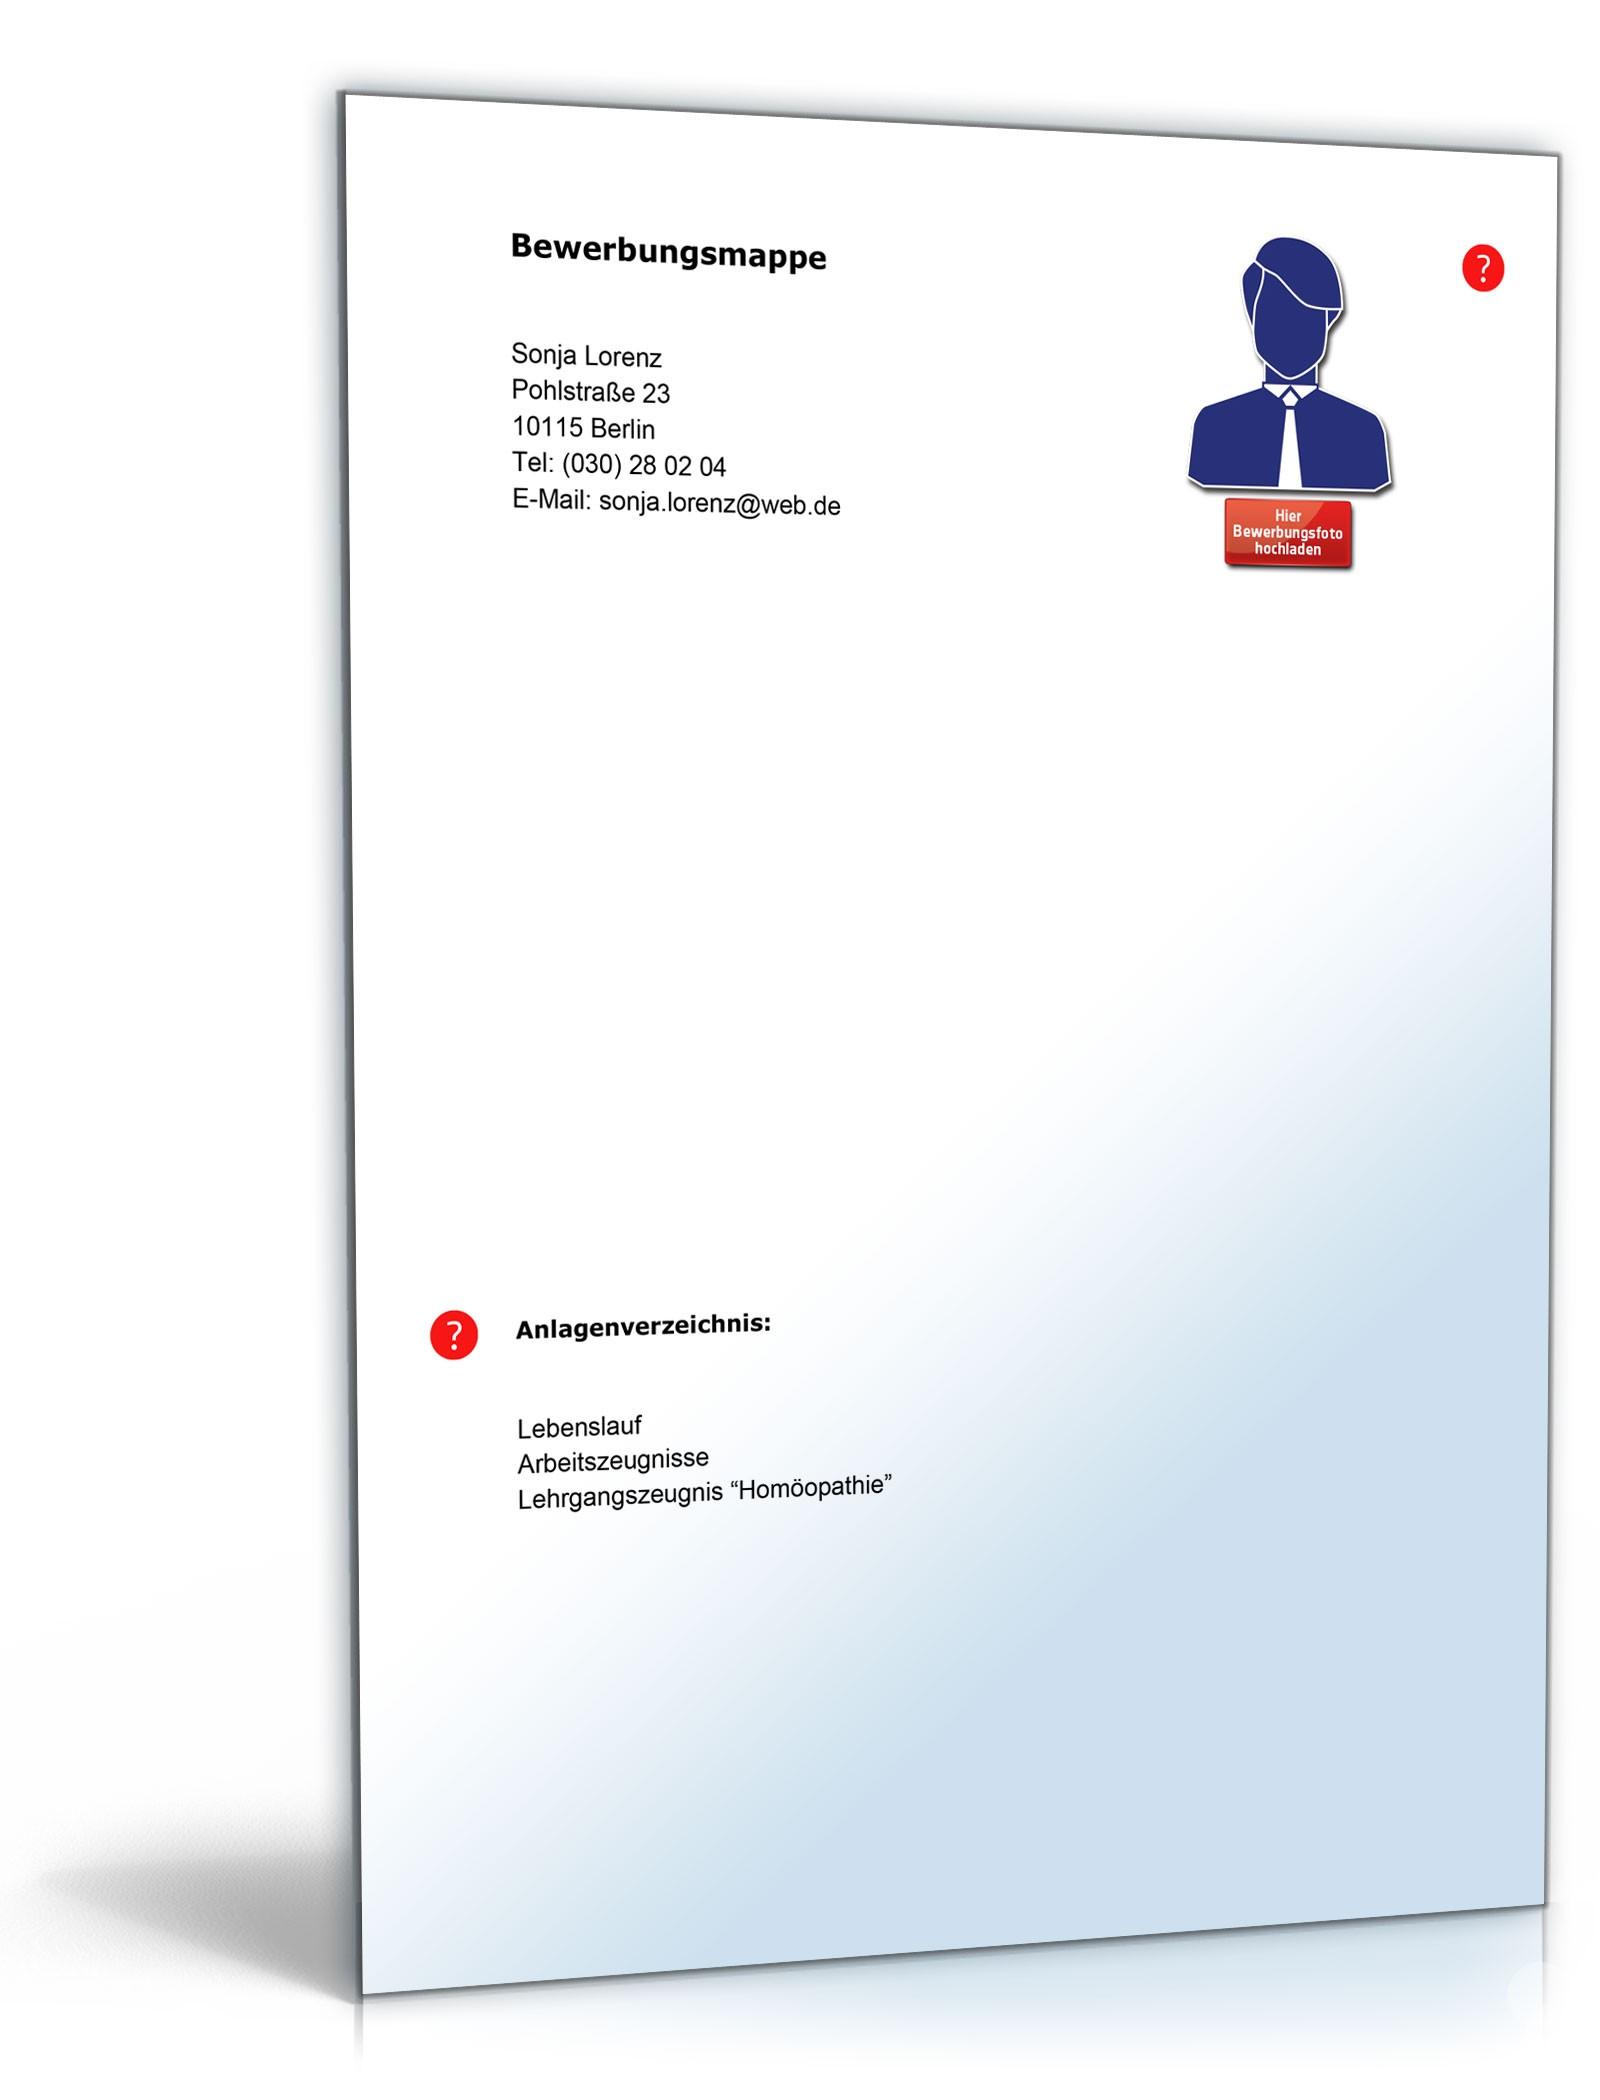 Ausgezeichnet Lebenslauf Für Apotheker Assistent Job Galerie ...